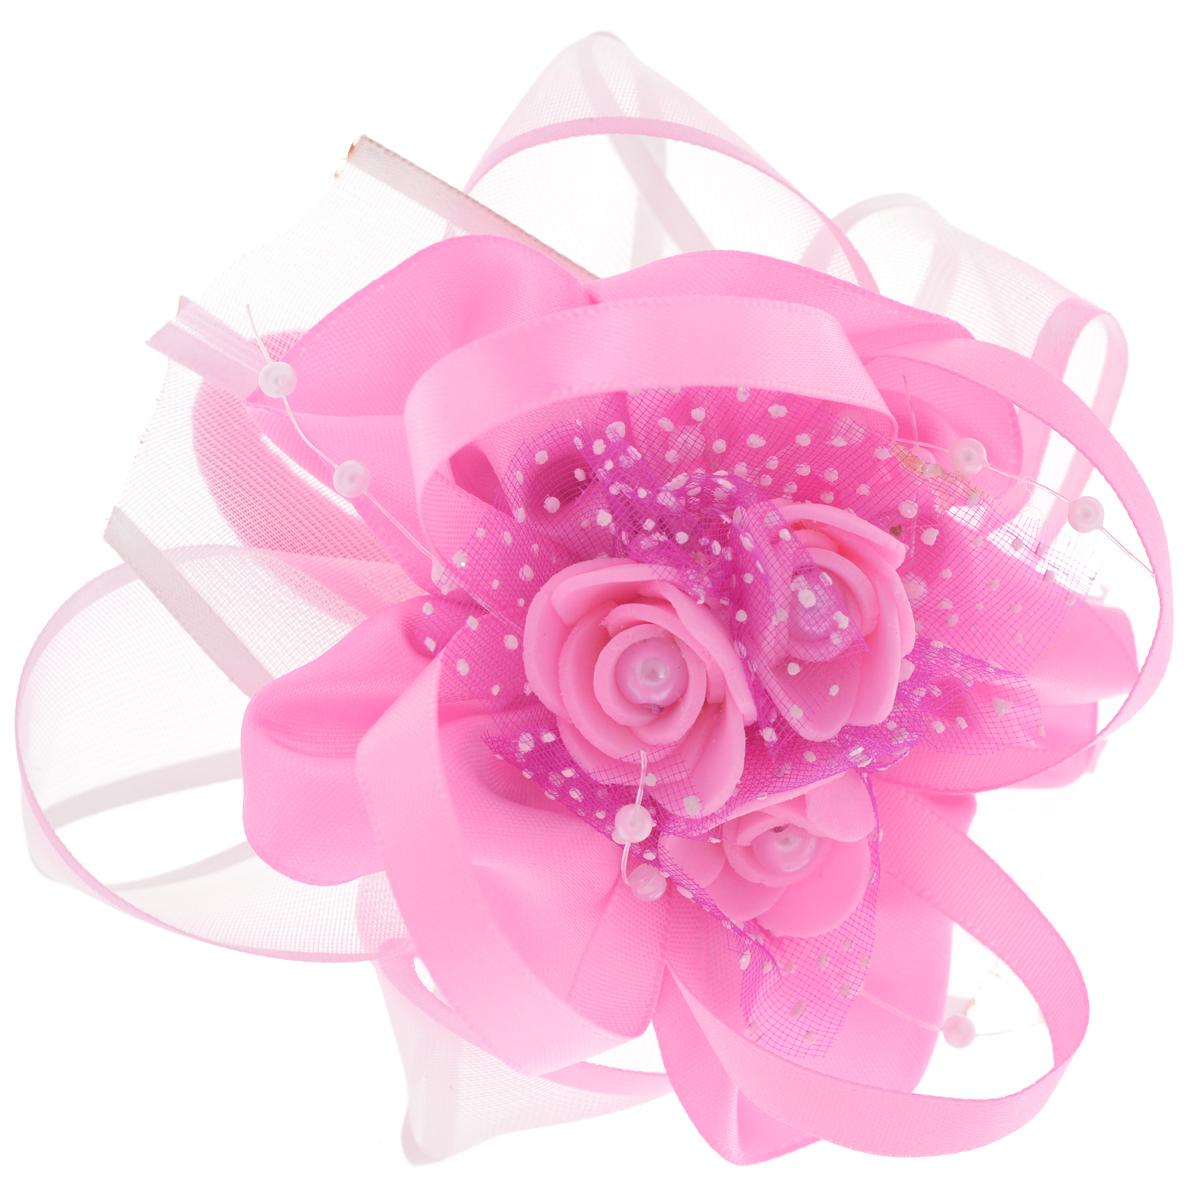 Babys Joy Резинка для волос цвет розовый MN 2MN 2_розовыйРезинка-бант для волос Babys Joy, выполненная из атласа и органзы, оформлена тремя розами и пластиковыми бусинами. Резинка для волос Babys Joy надежно зафиксирует волосы и подчеркнет красоту прически вашей маленькой модницы. Рекомендовано для детей старше трех лет.